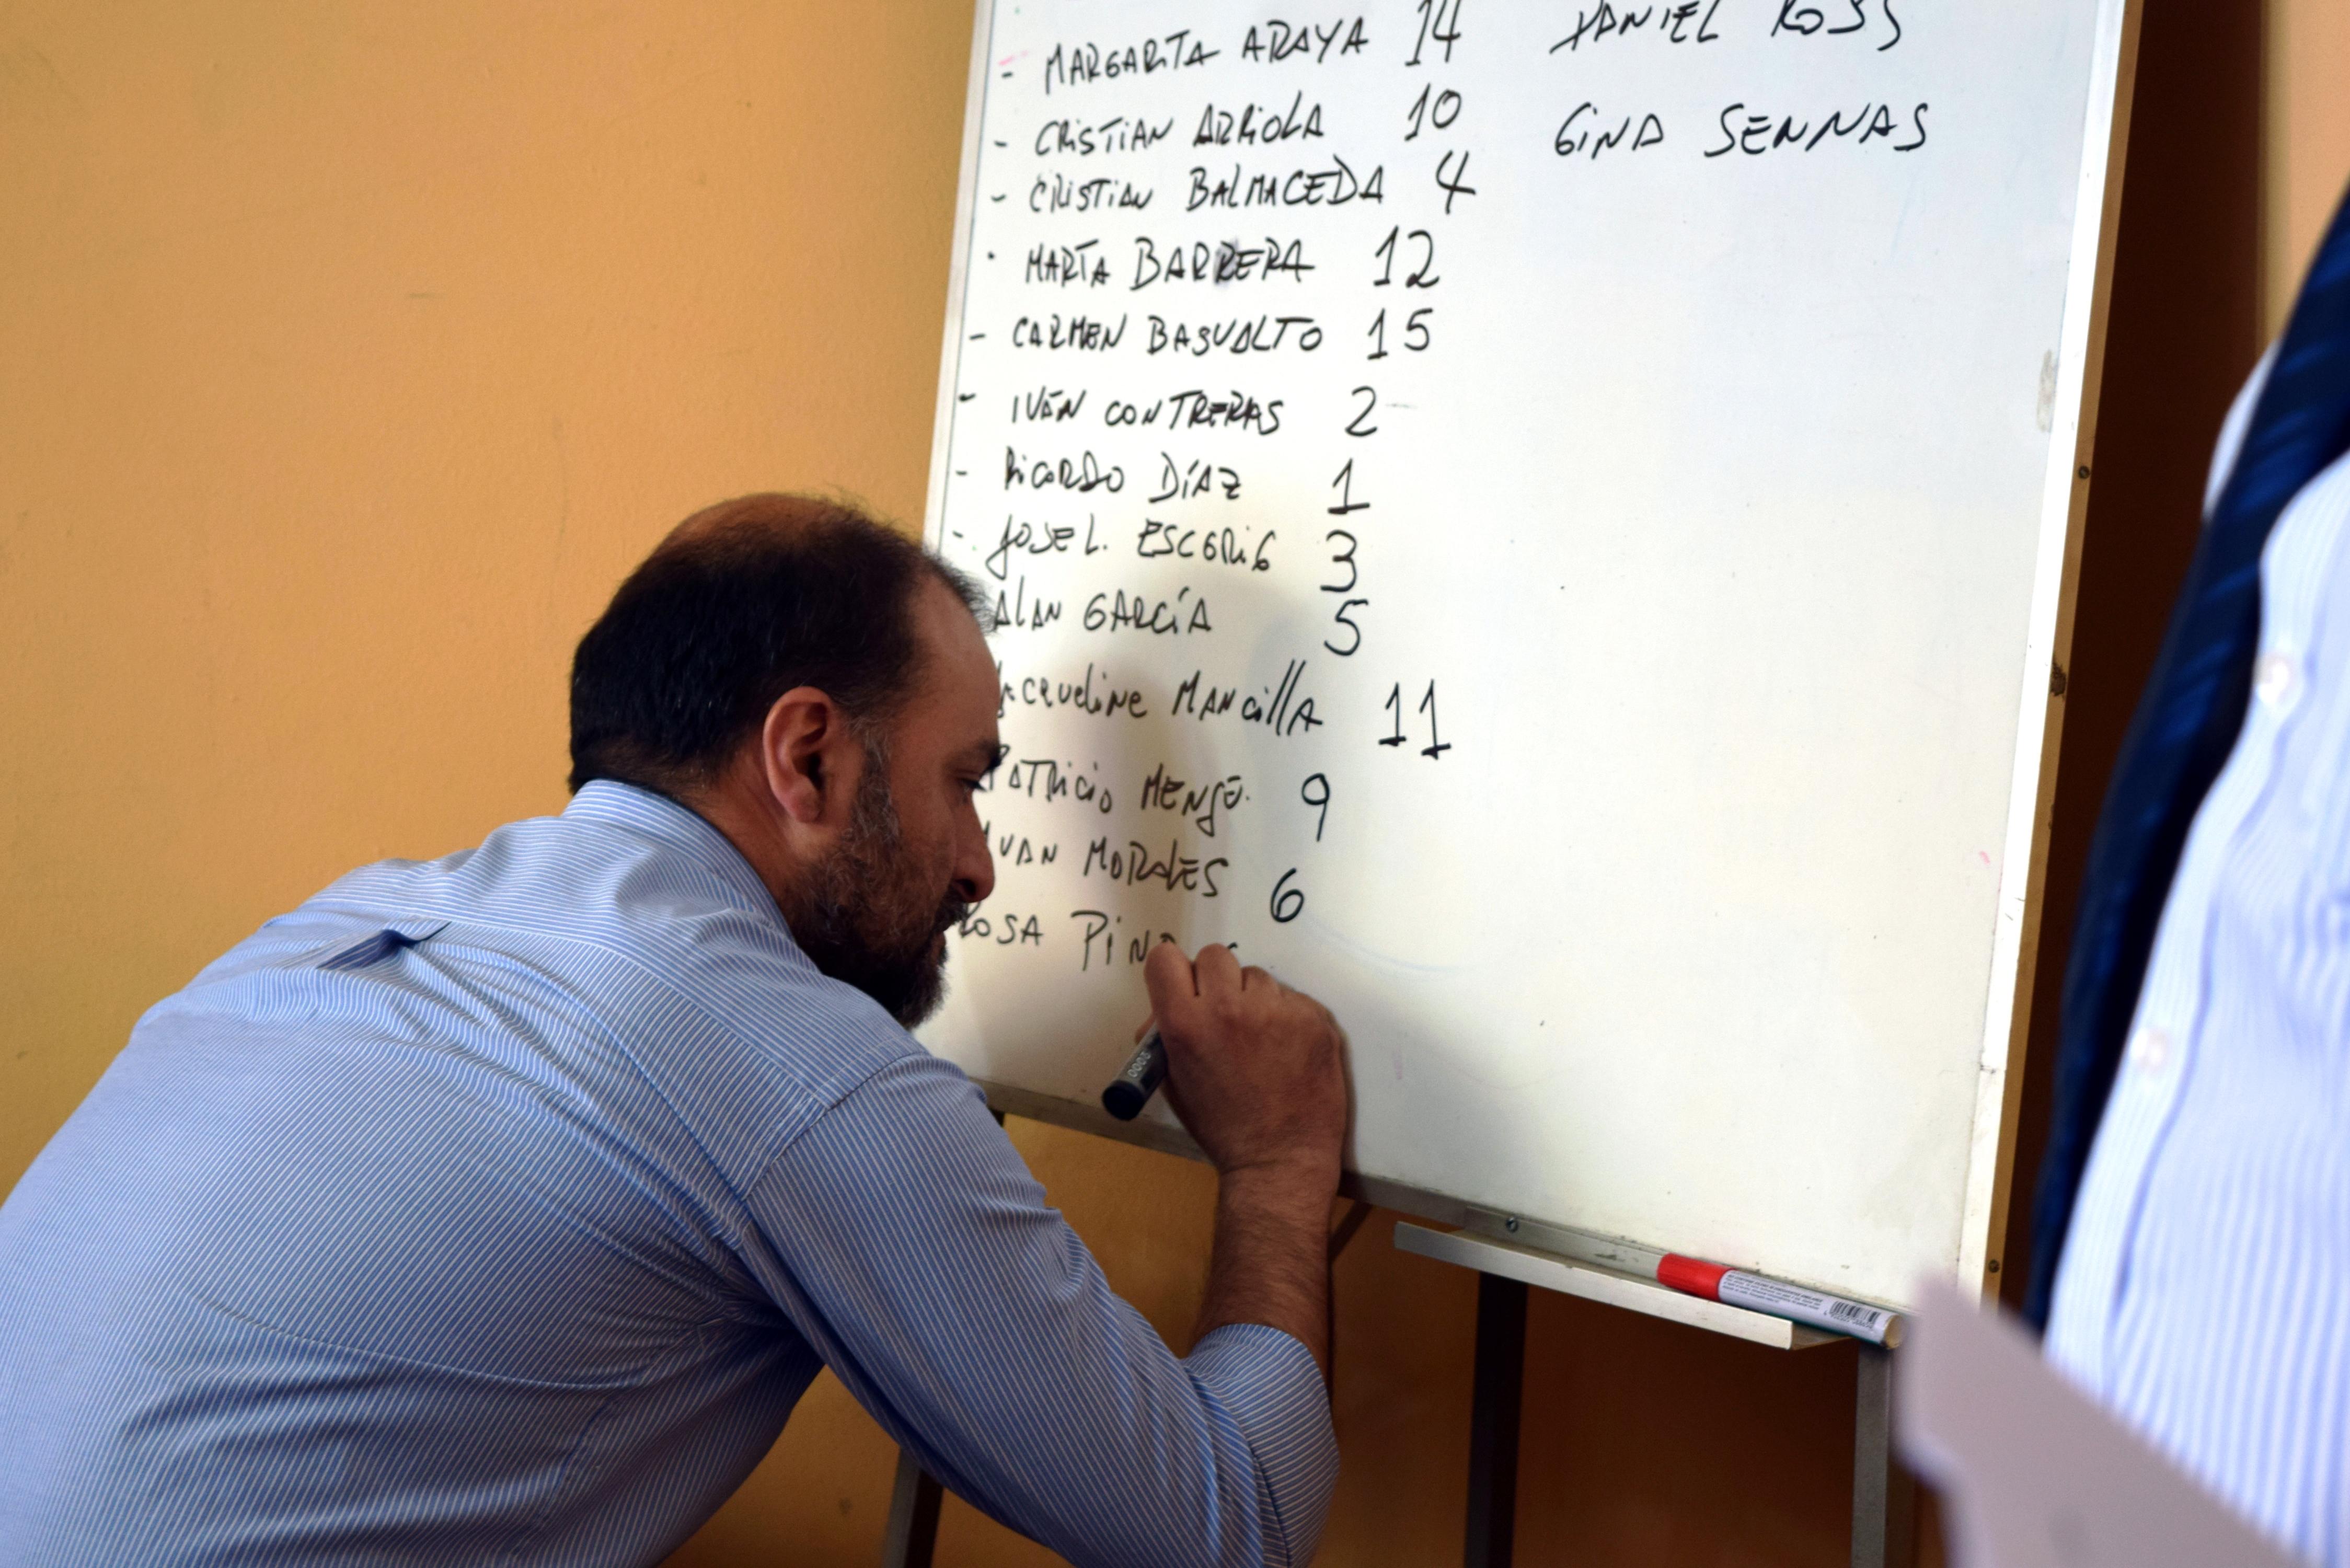 Comisión Electoral realizó sorteo de candidatos - 13 Octubre 2016